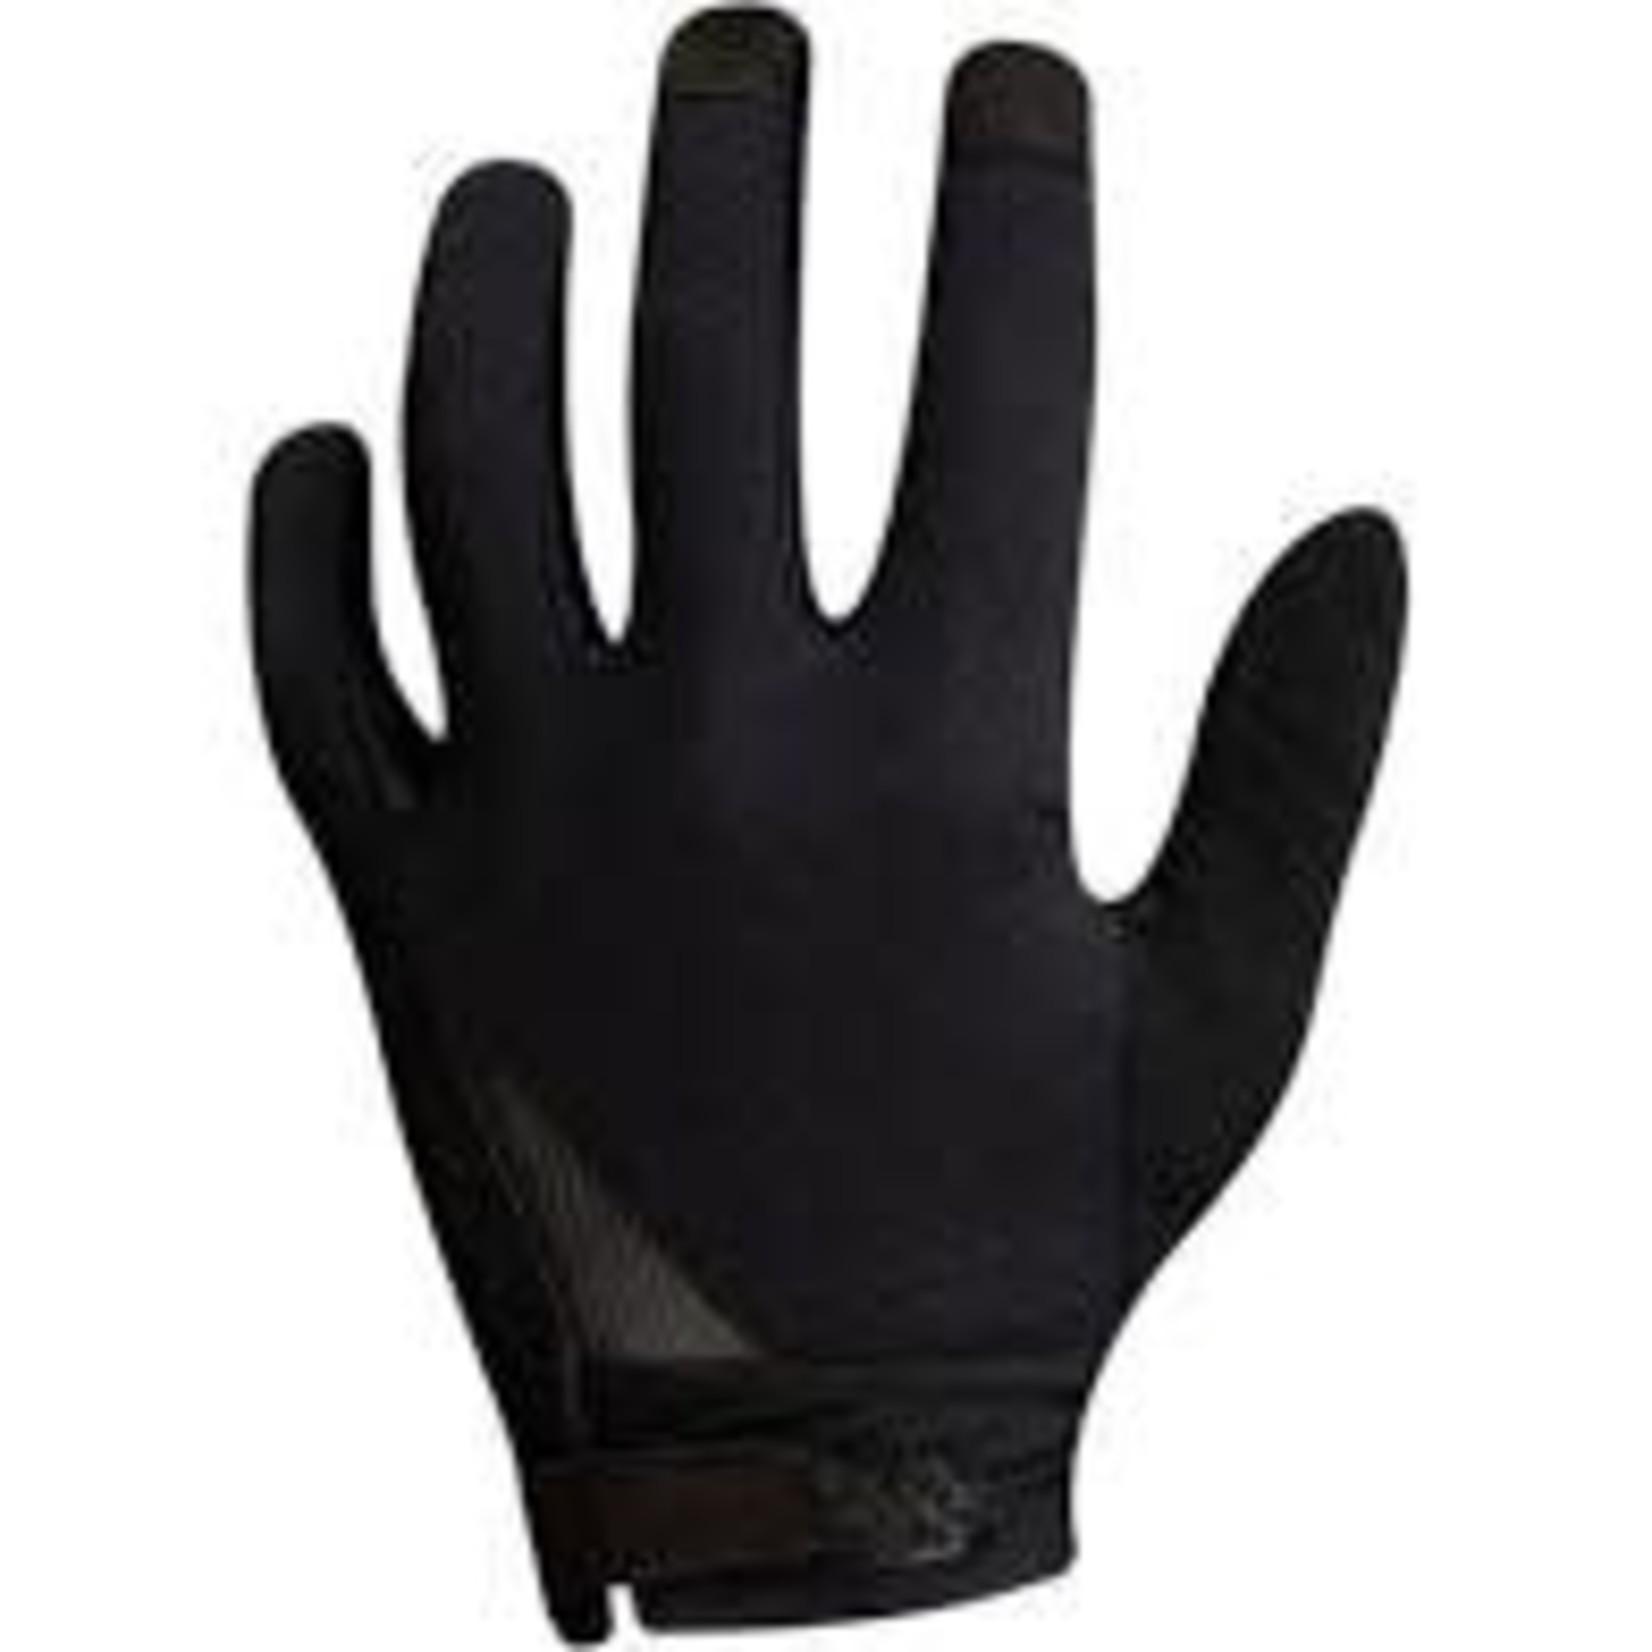 Pearl Izumi Pearl Izumi Elite Gel FF Glove XL Black